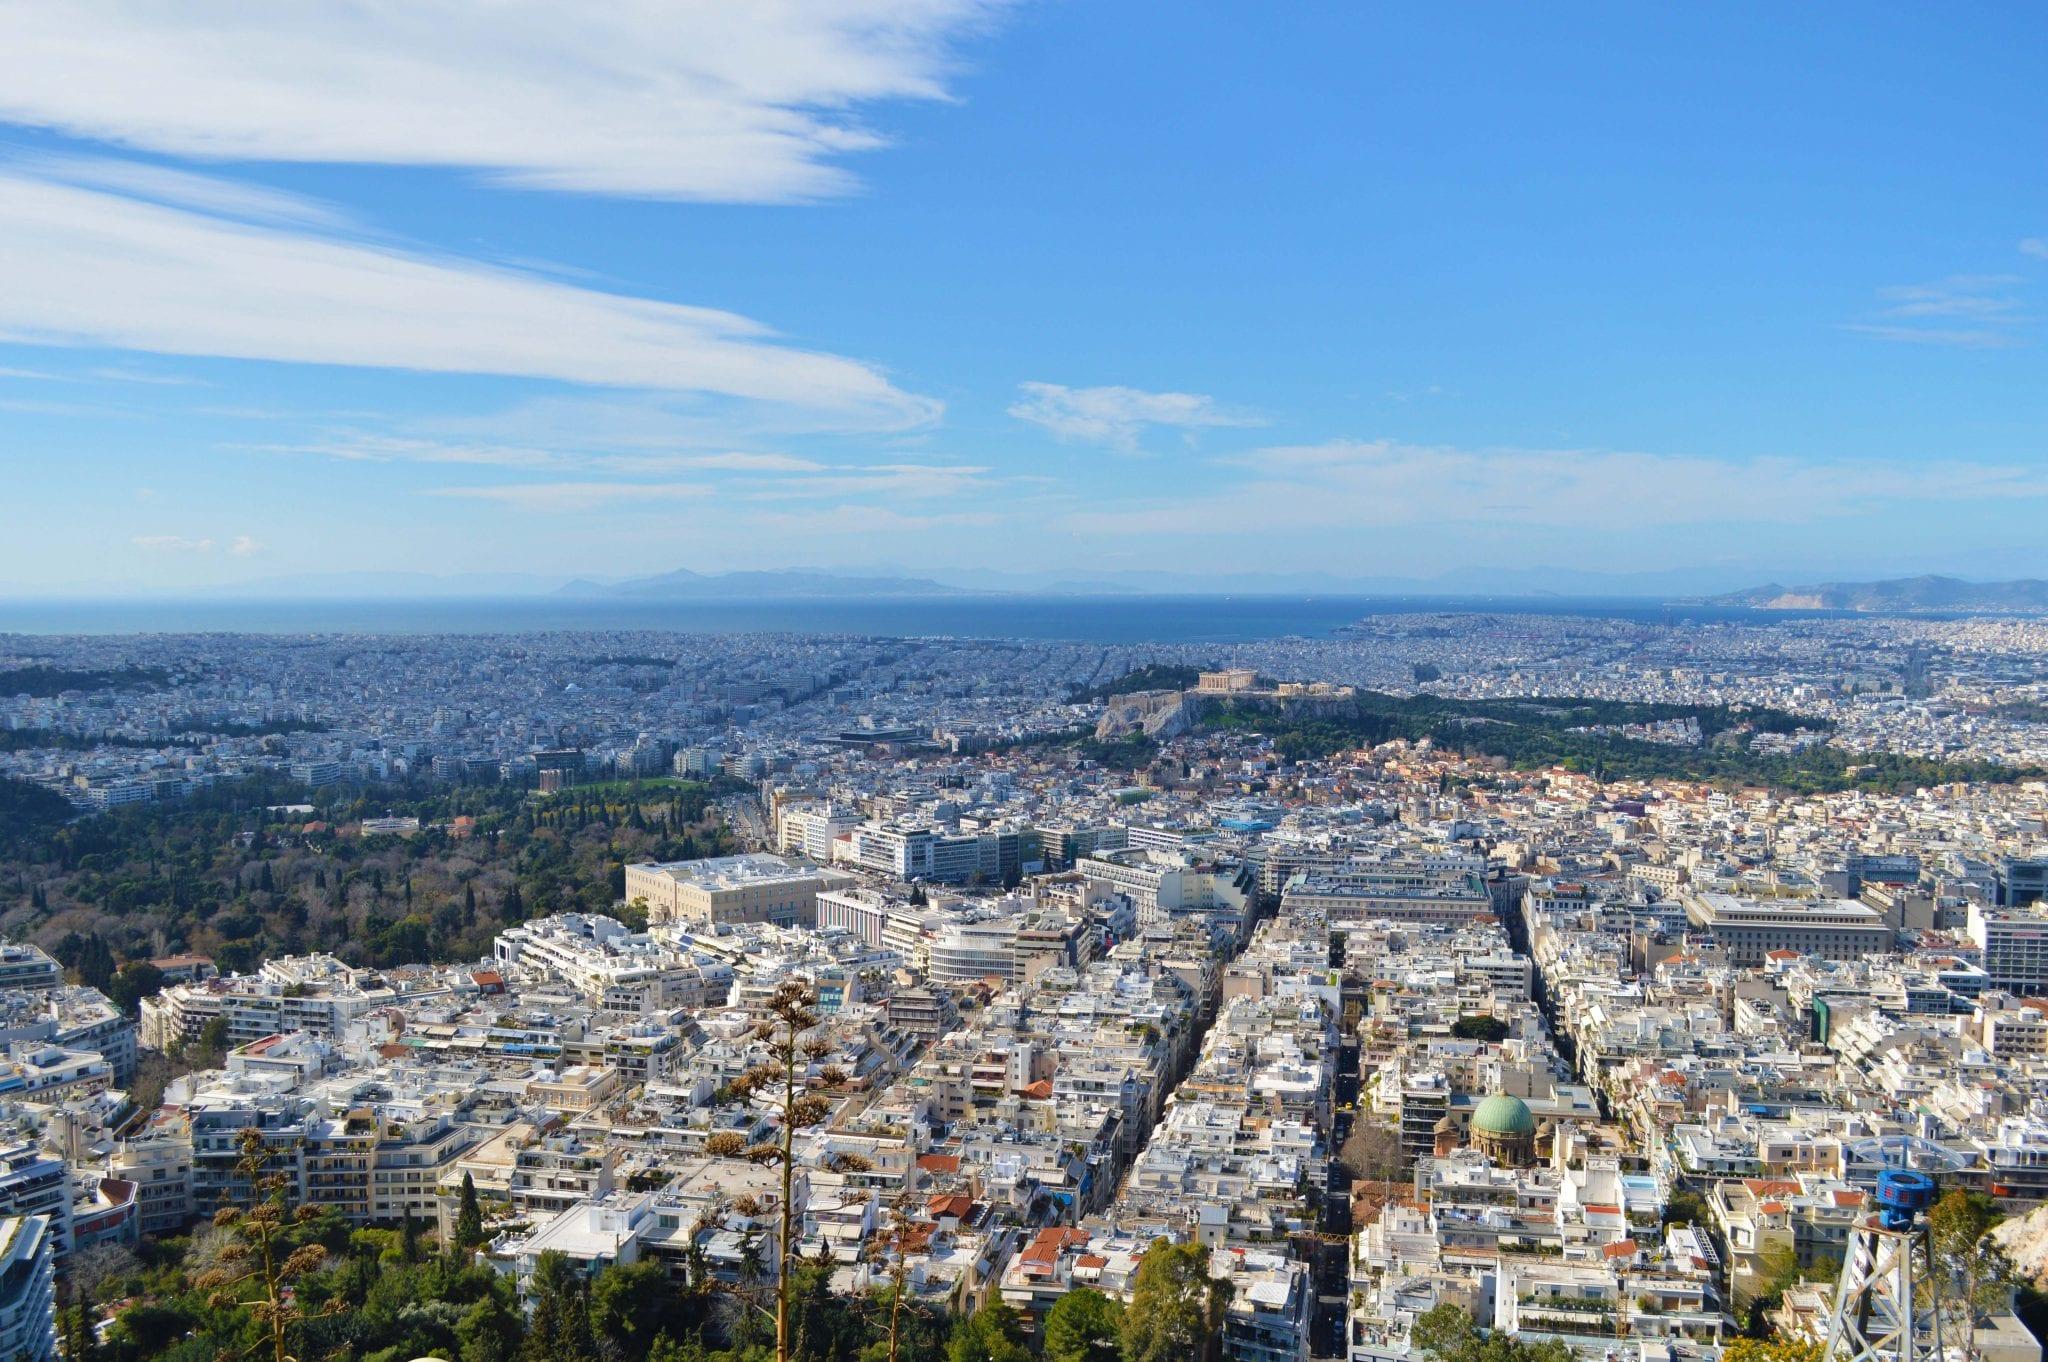 De 5 beste uitzichtpunten in Athene